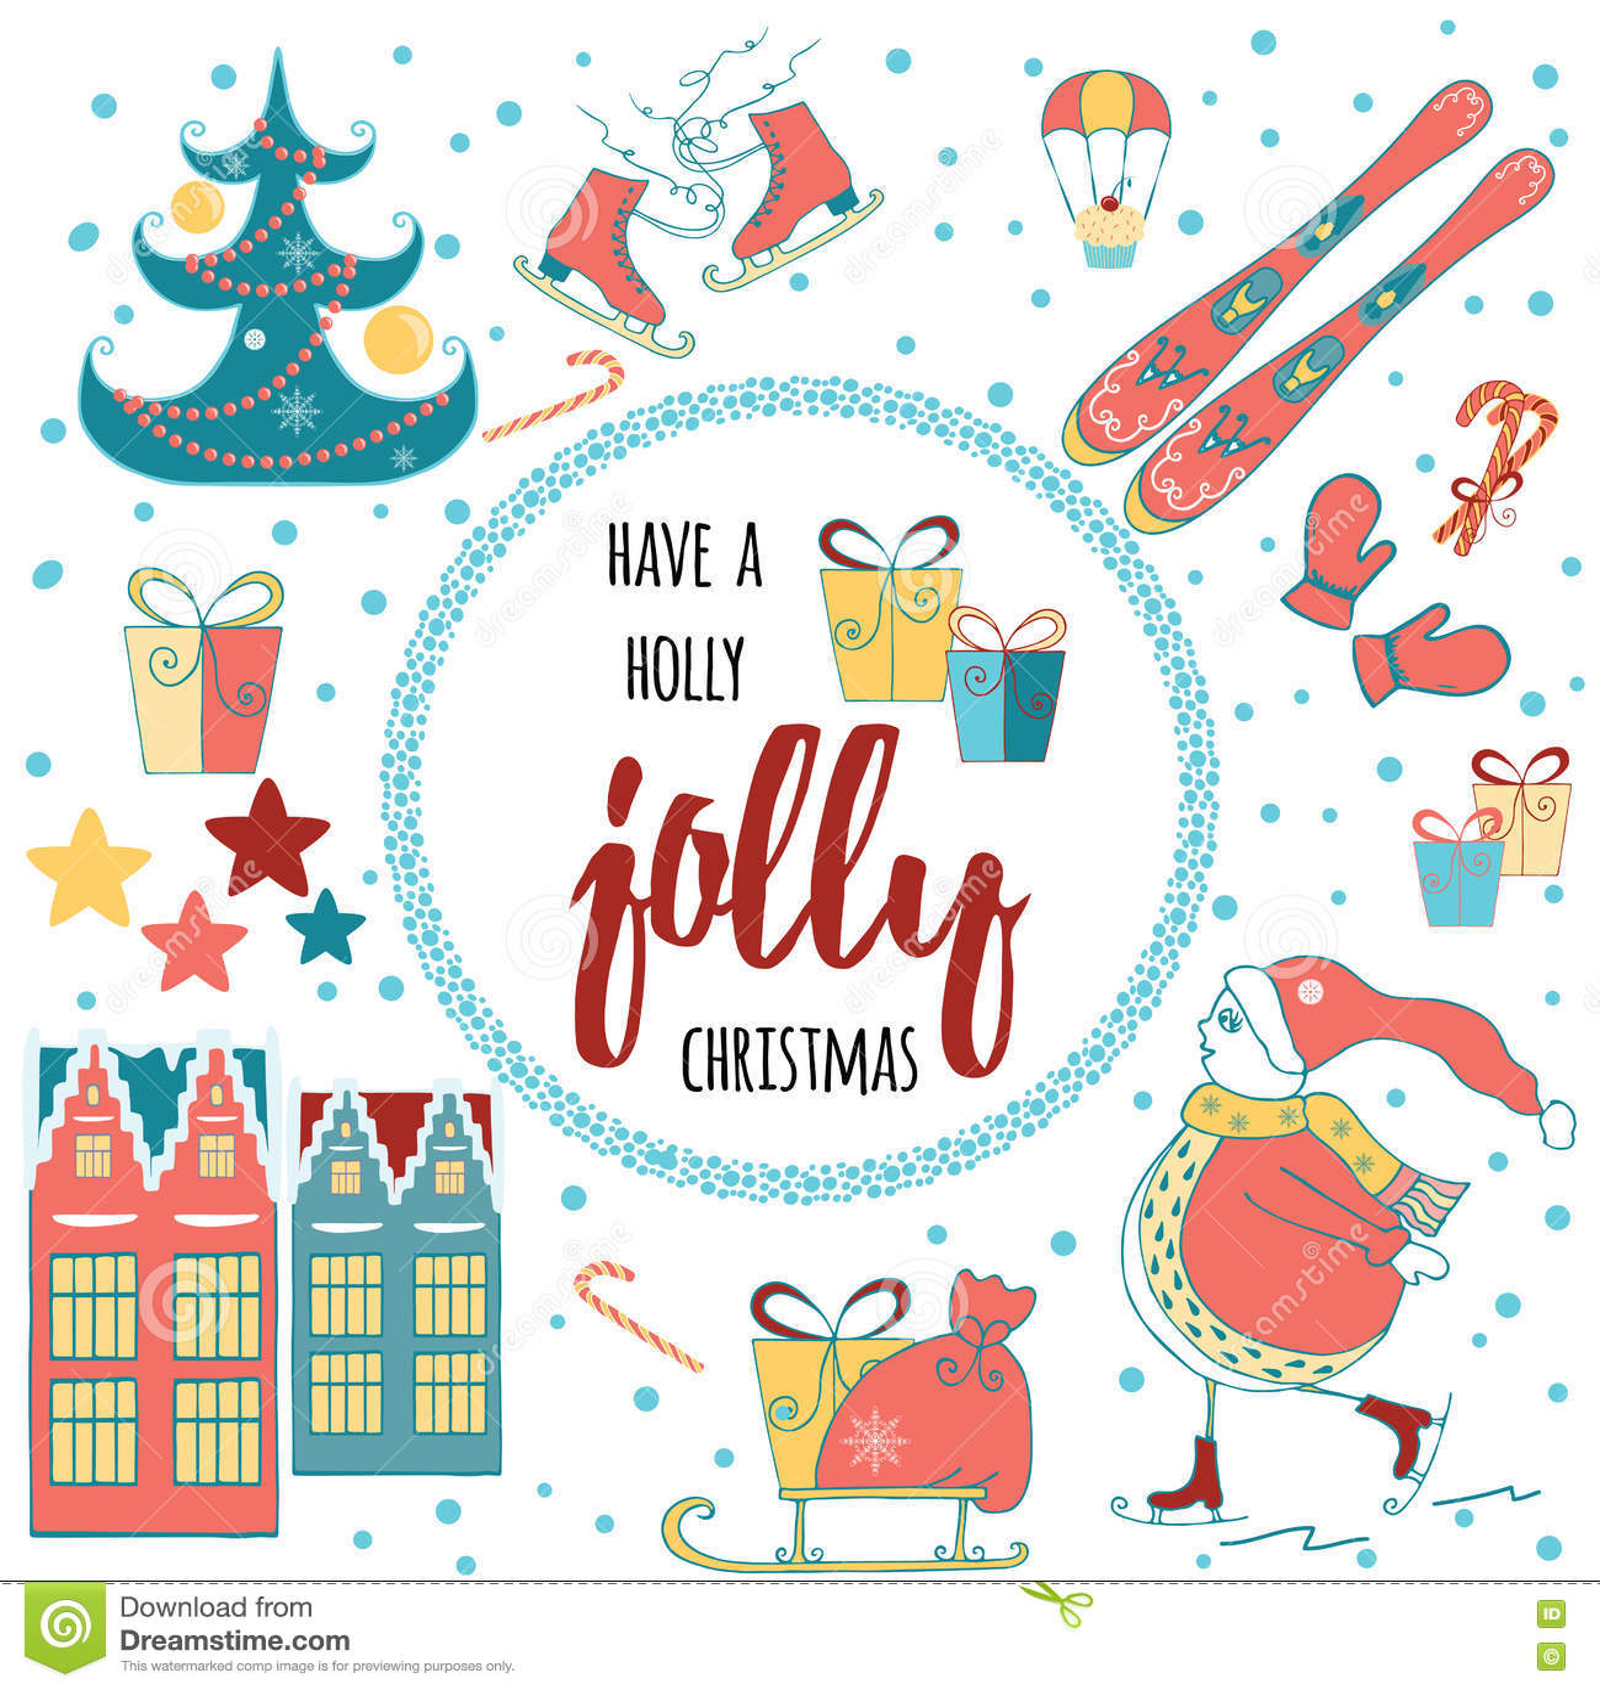 Haben Sie Eine Holly Jolly Christmas-Grußkarte Mit Kalligraphie Und ...